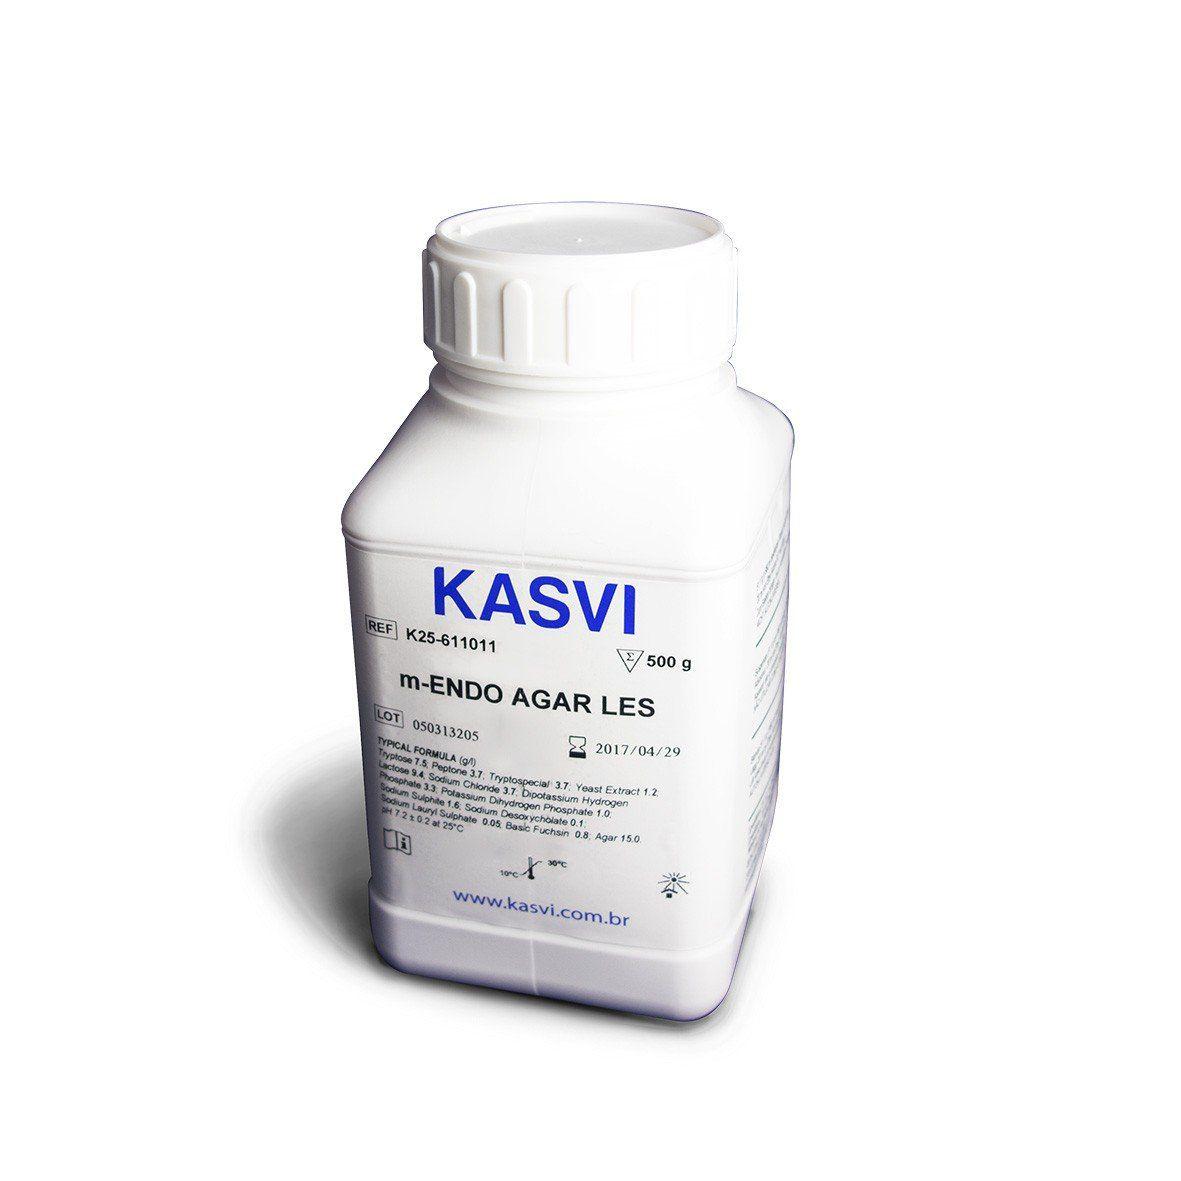 Agar M-ENDO LES 500g/ Frasco Kasvi